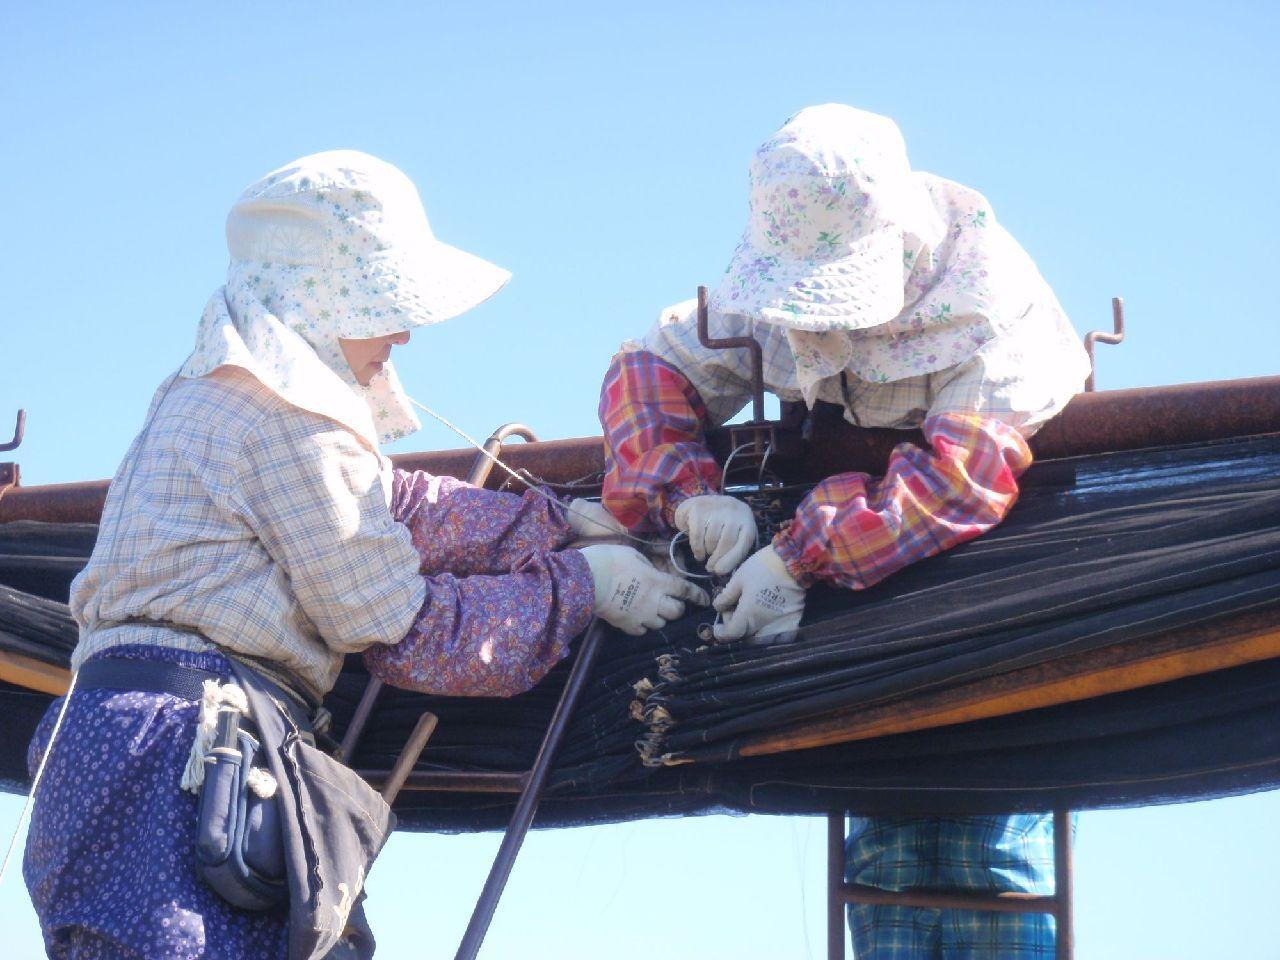 寒冷紗のワイヤー補修。